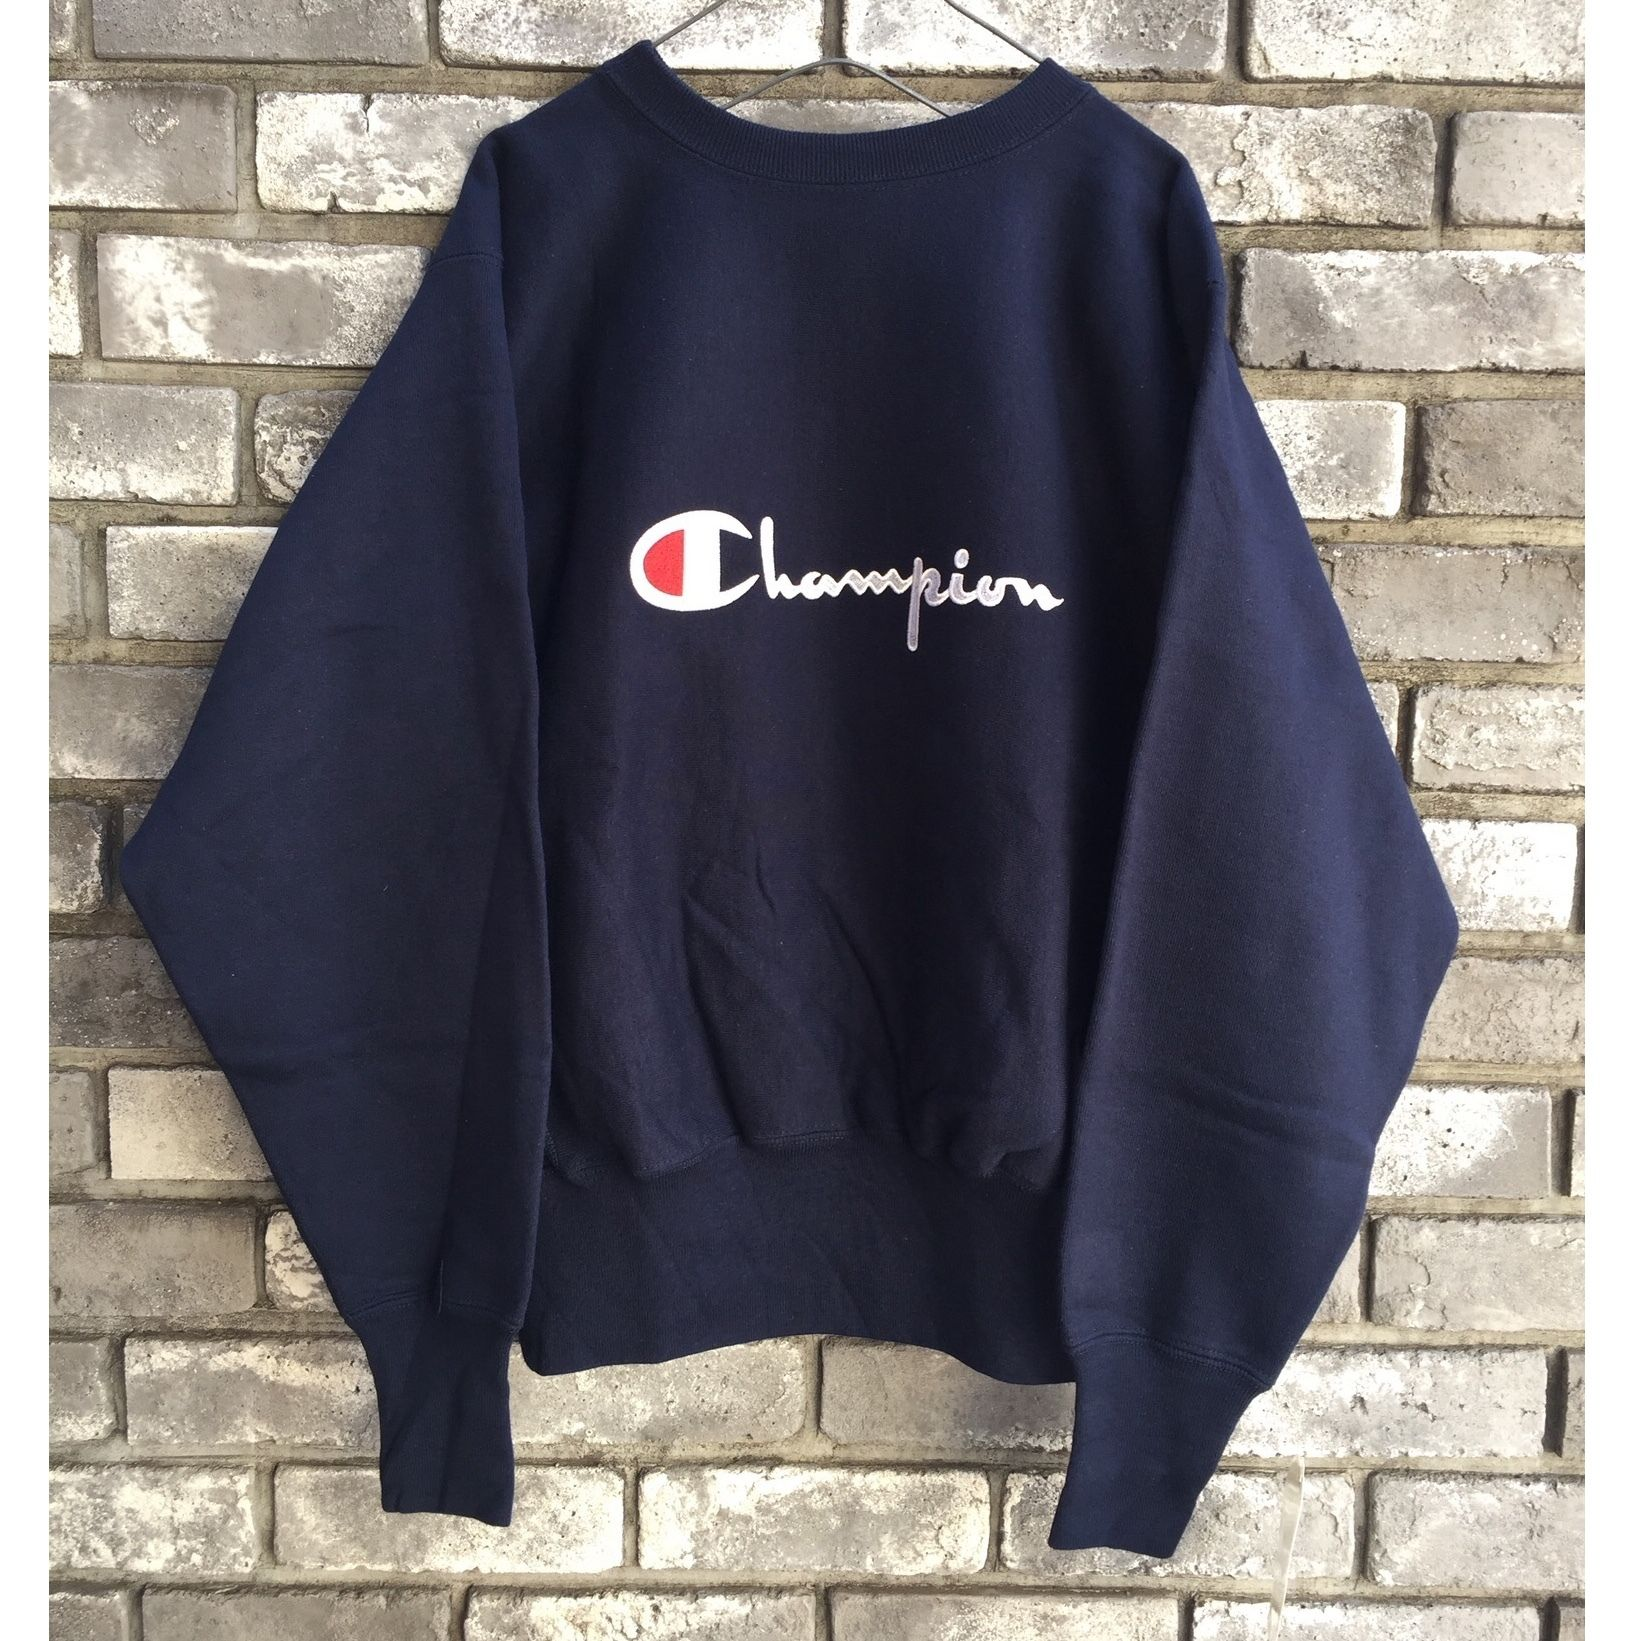 【Champion】 90s Dead-Stock Reverse Weave Crew Neck Sweat   チャンピオン デッドストック リバースウィーブ クルーネック スウェット